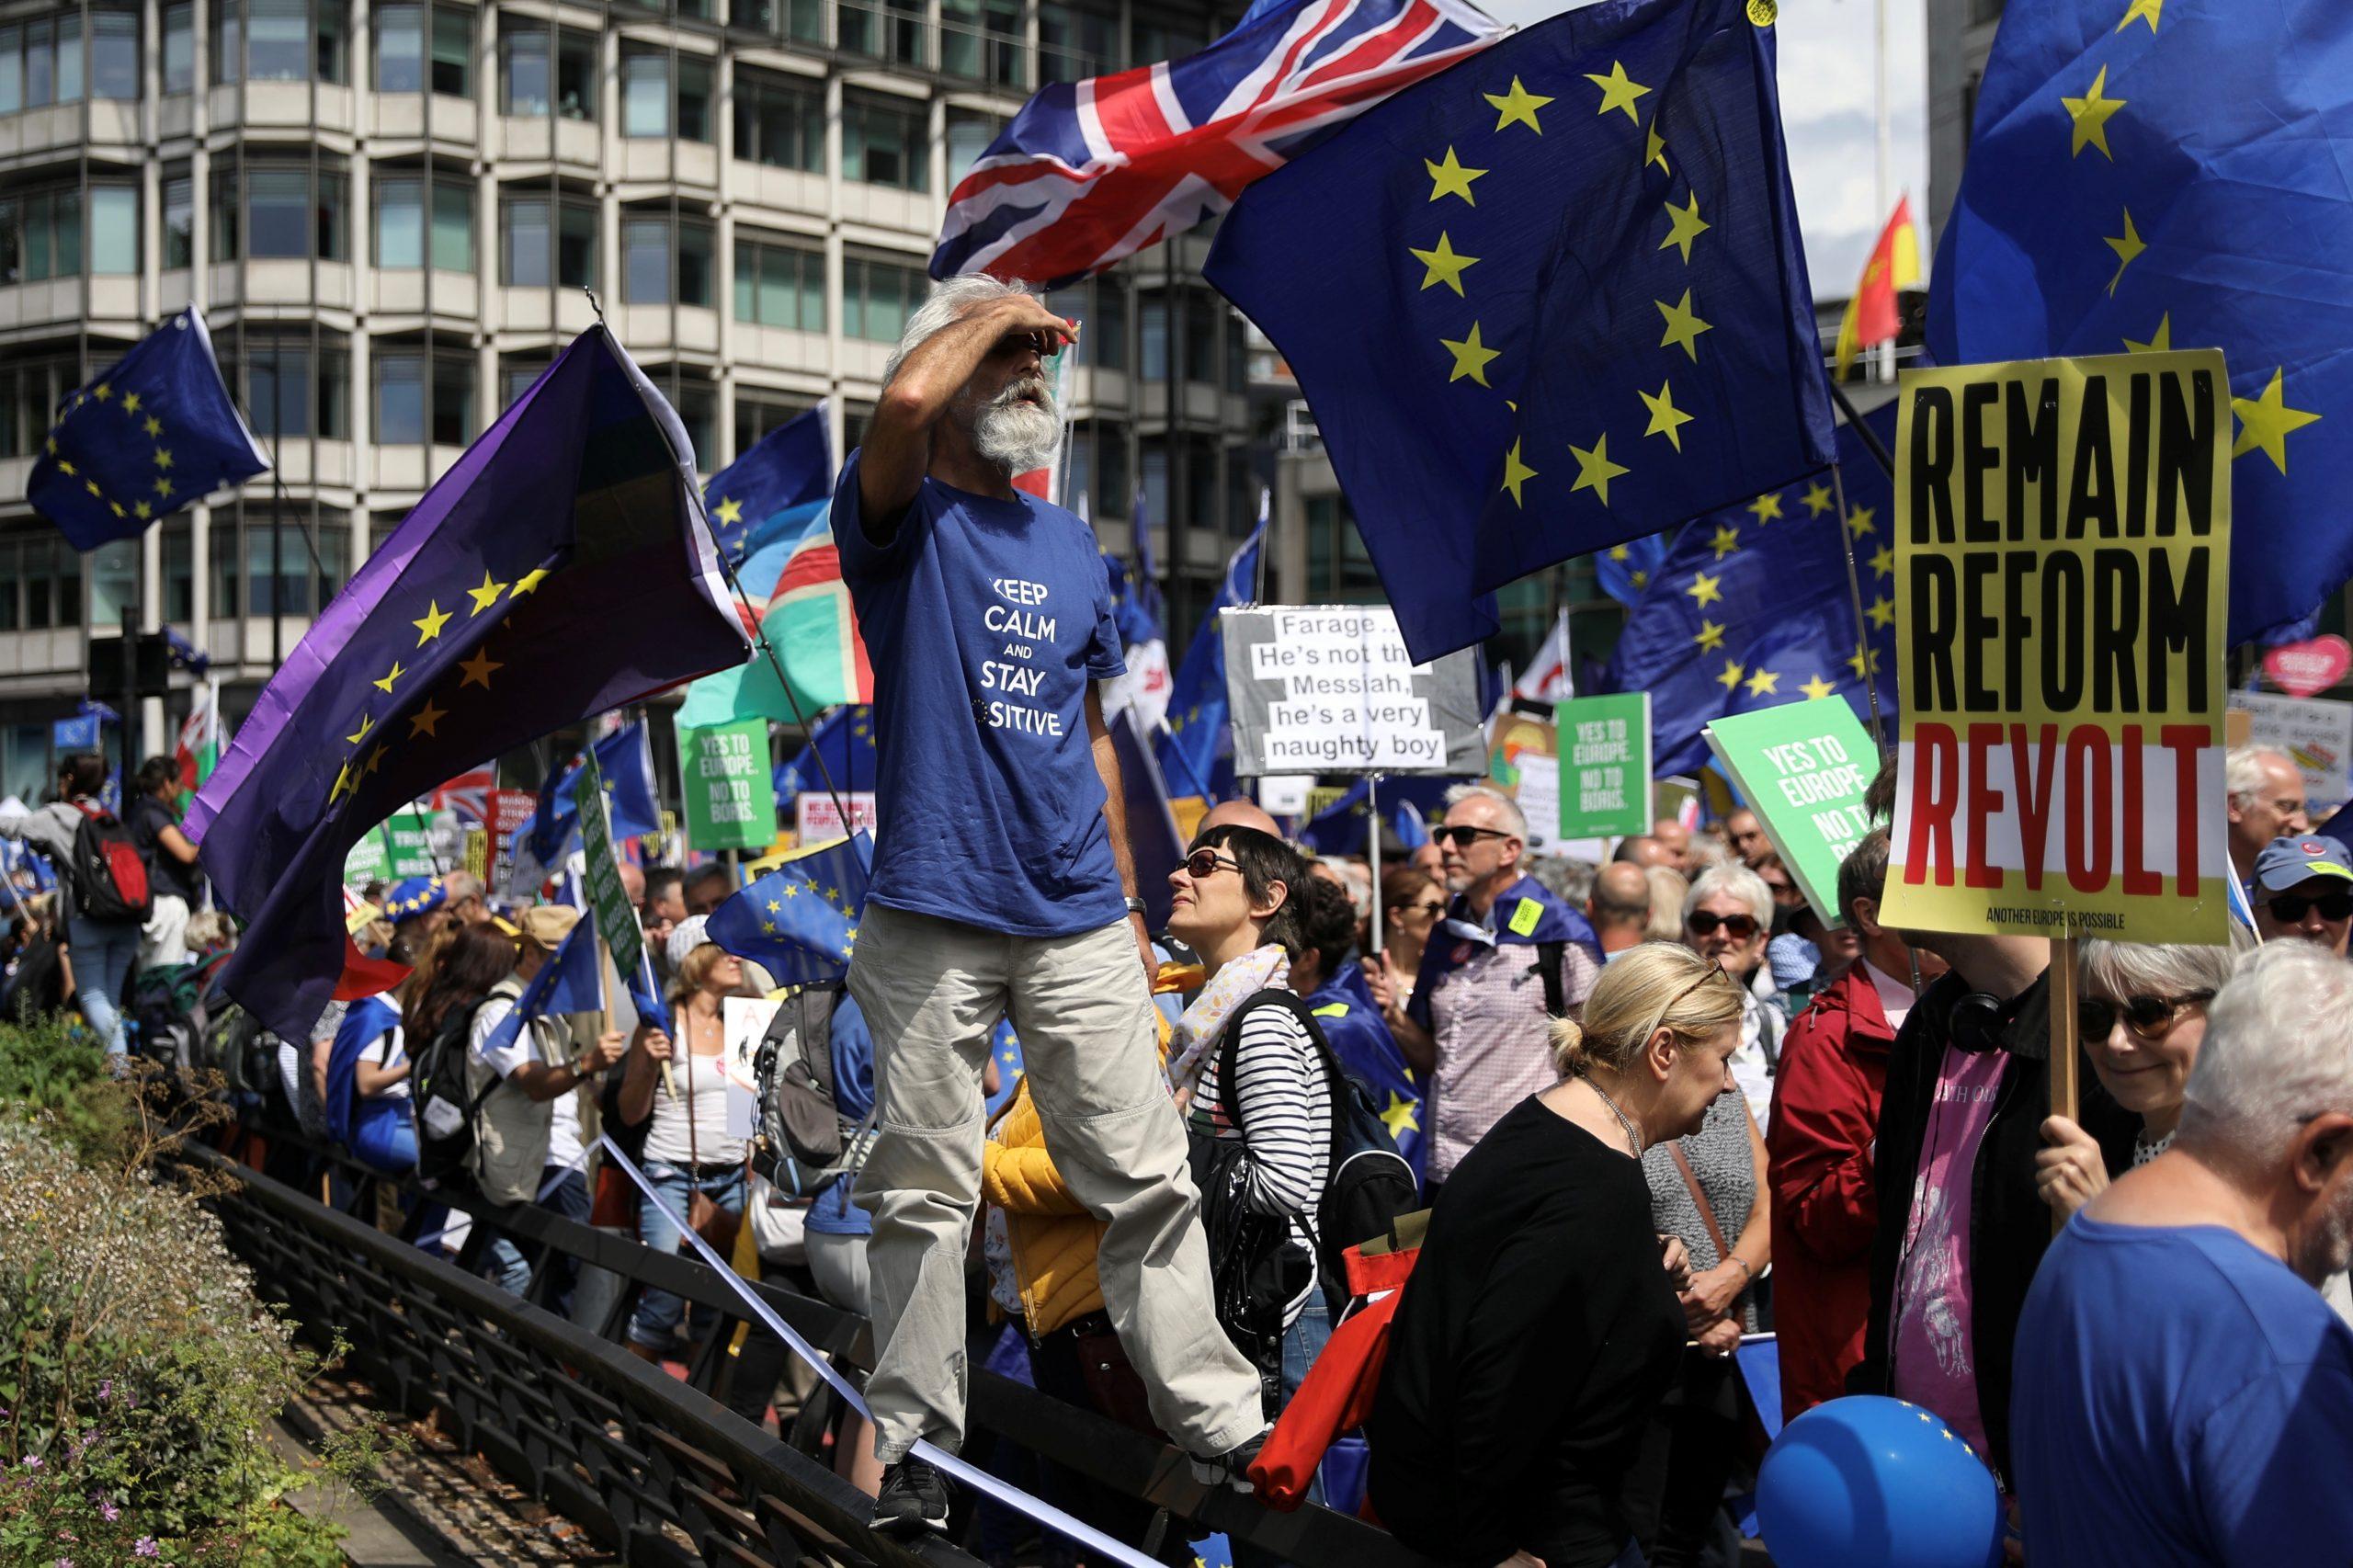 صورة بريطانيا ستواجه نقصاً بالوقود والغذاء والدواء إذا غادرت الاتحاد الأوروبي دون اتفاق